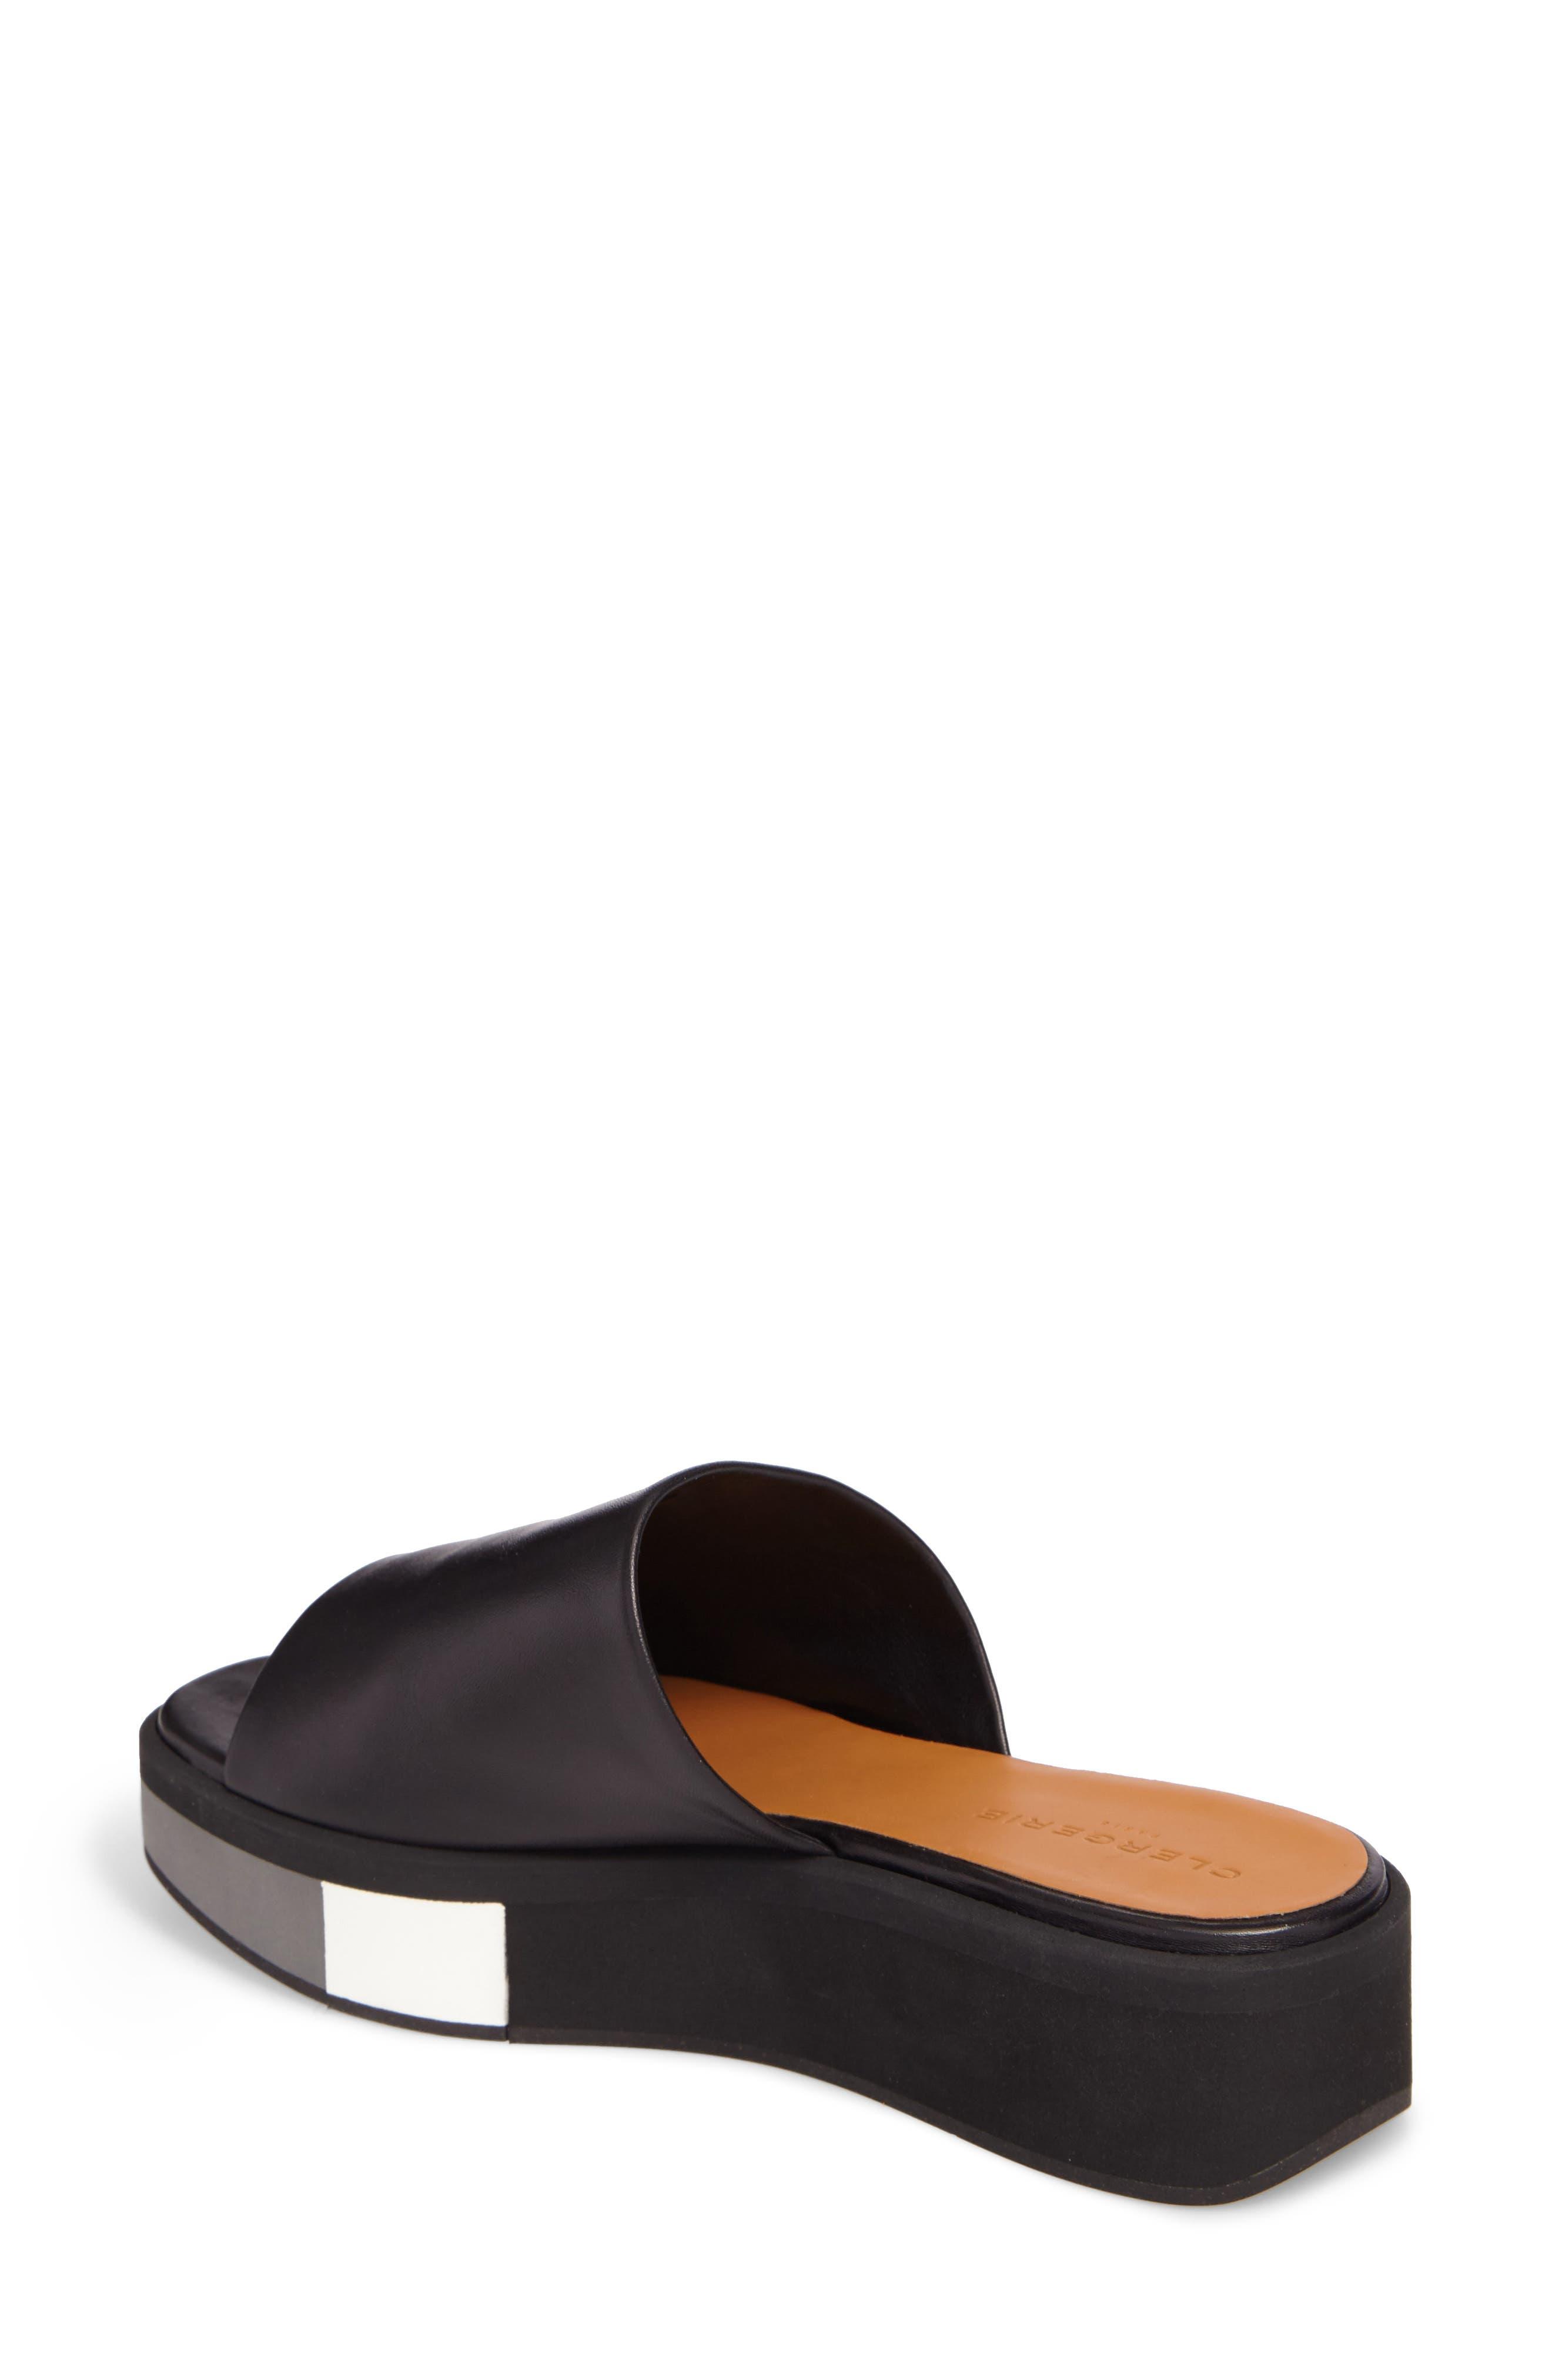 Quenor Platform Sandal,                             Alternate thumbnail 2, color,                             004